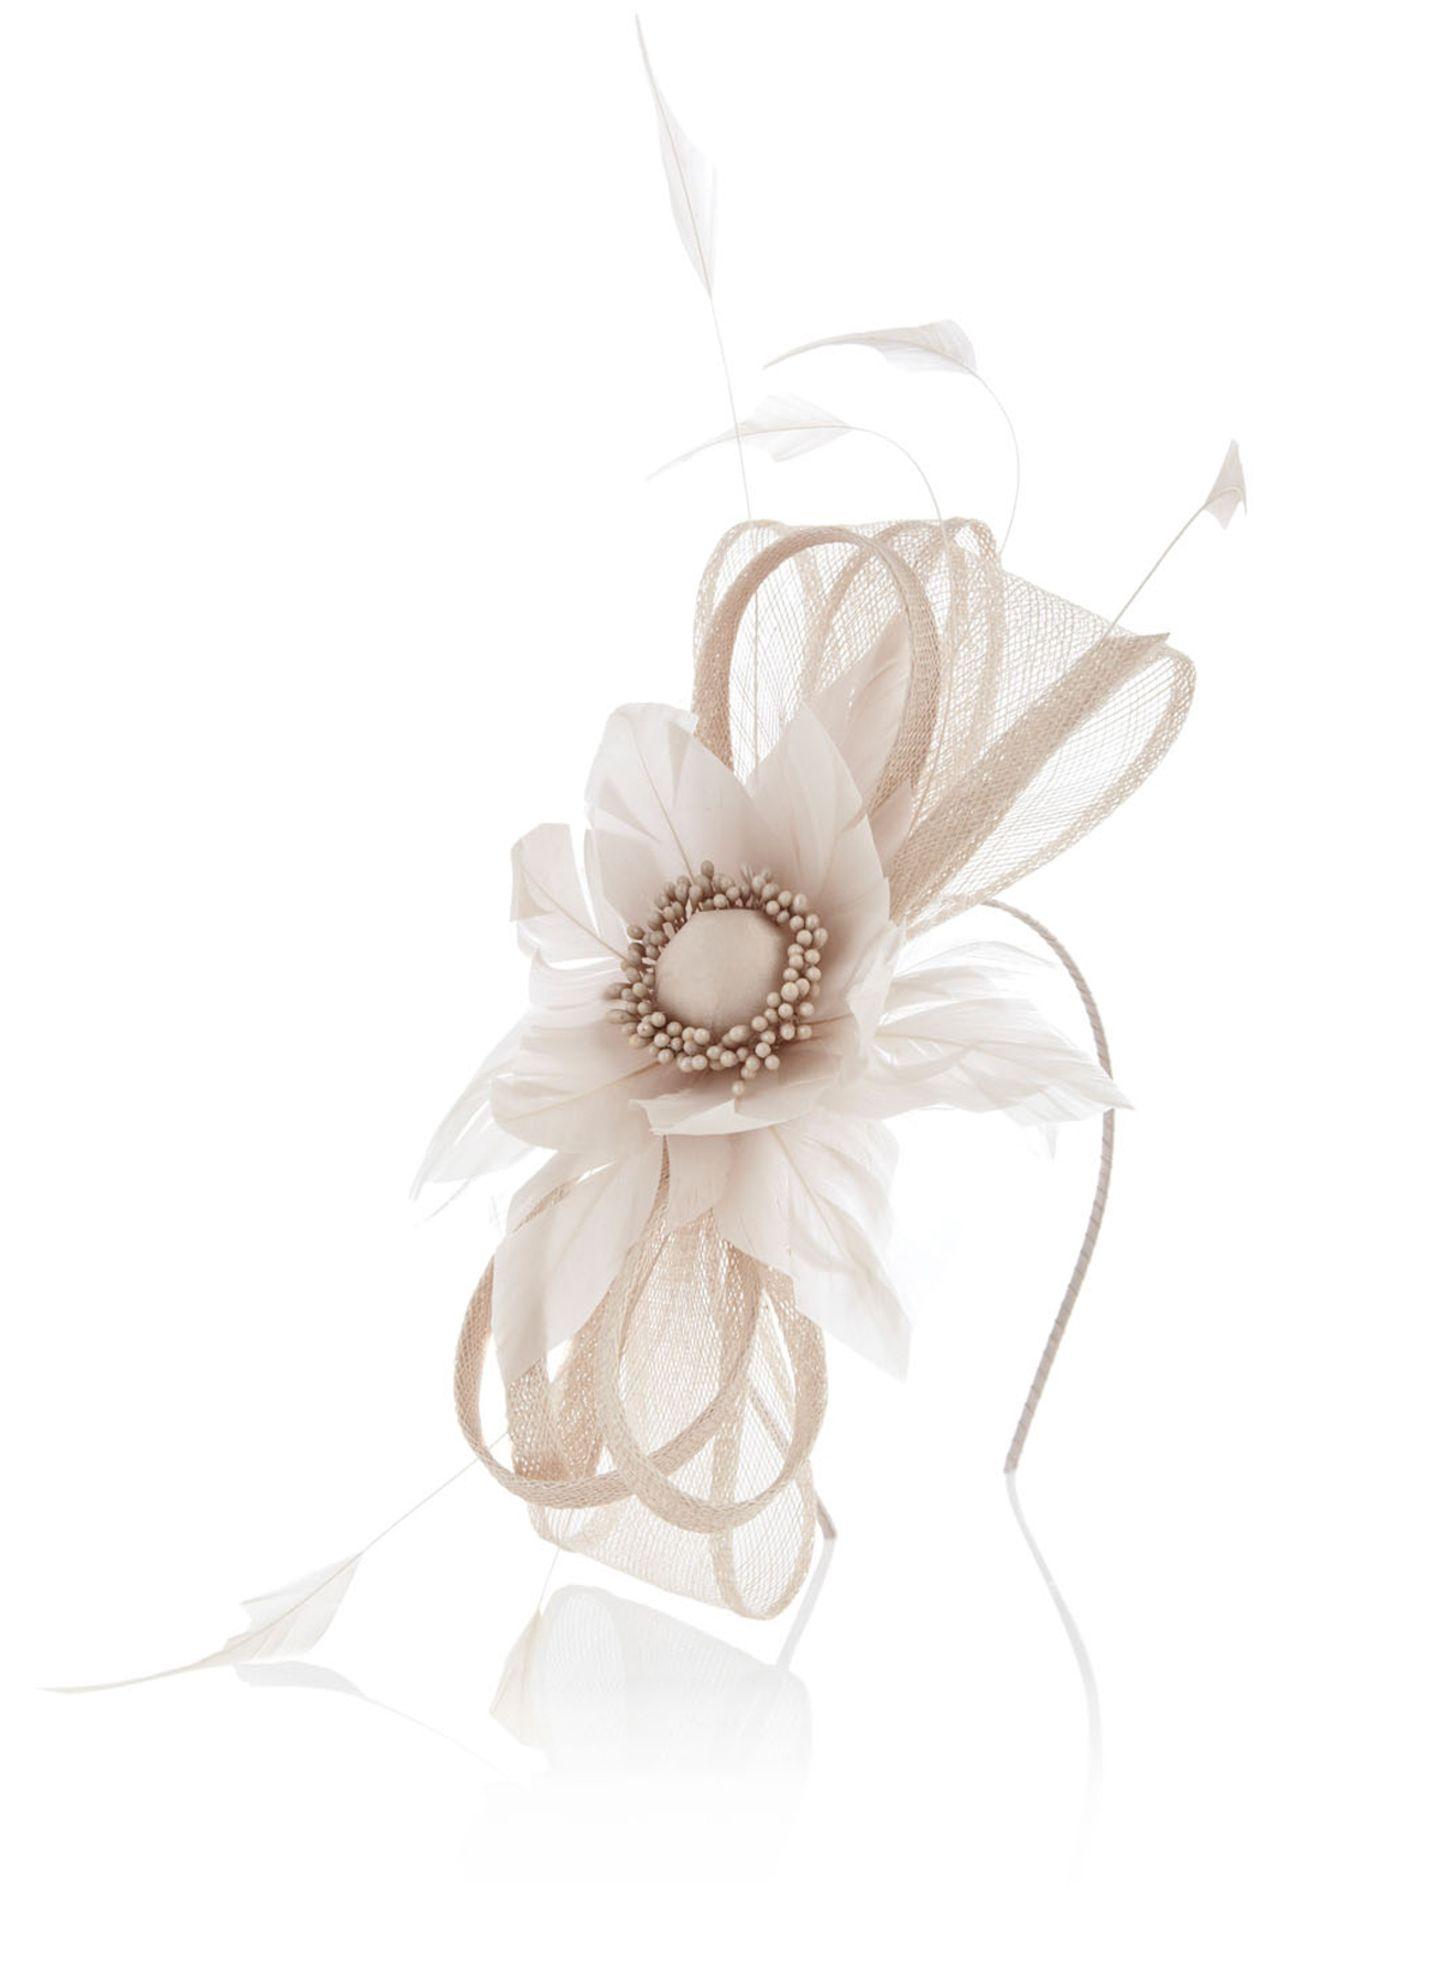 Romantisches Highlight zum femininen Outfit: zierlicher Haarreif mit Federn, Bändern und Blüte. Von Coast, ca. 60 Euro